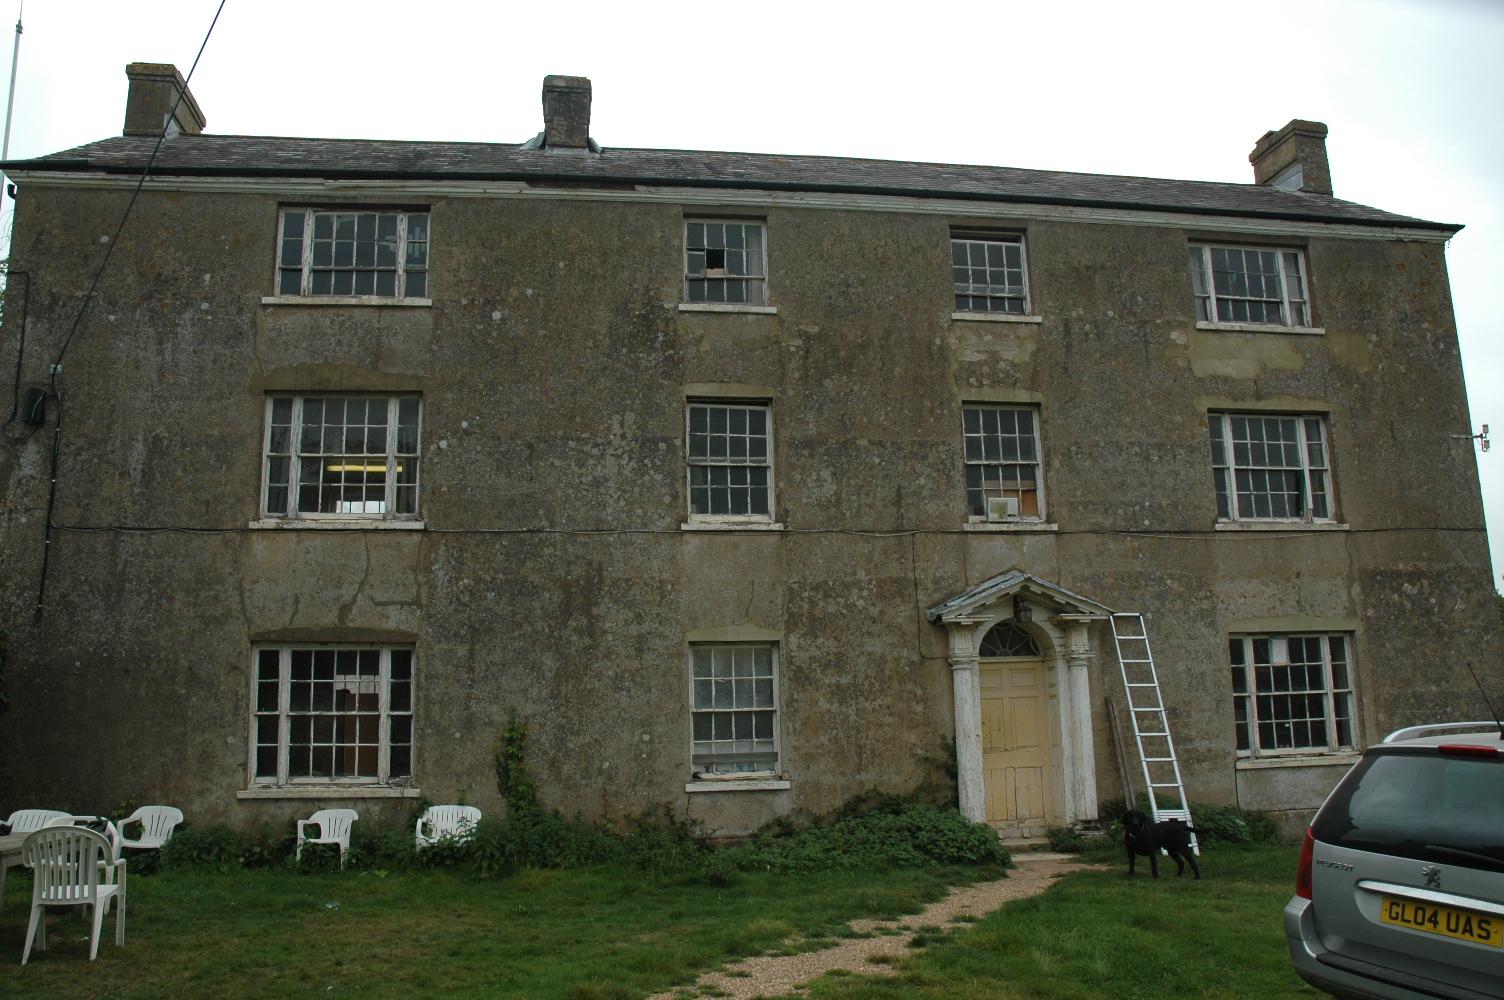 Stone House 1 - Brickwork & Stone